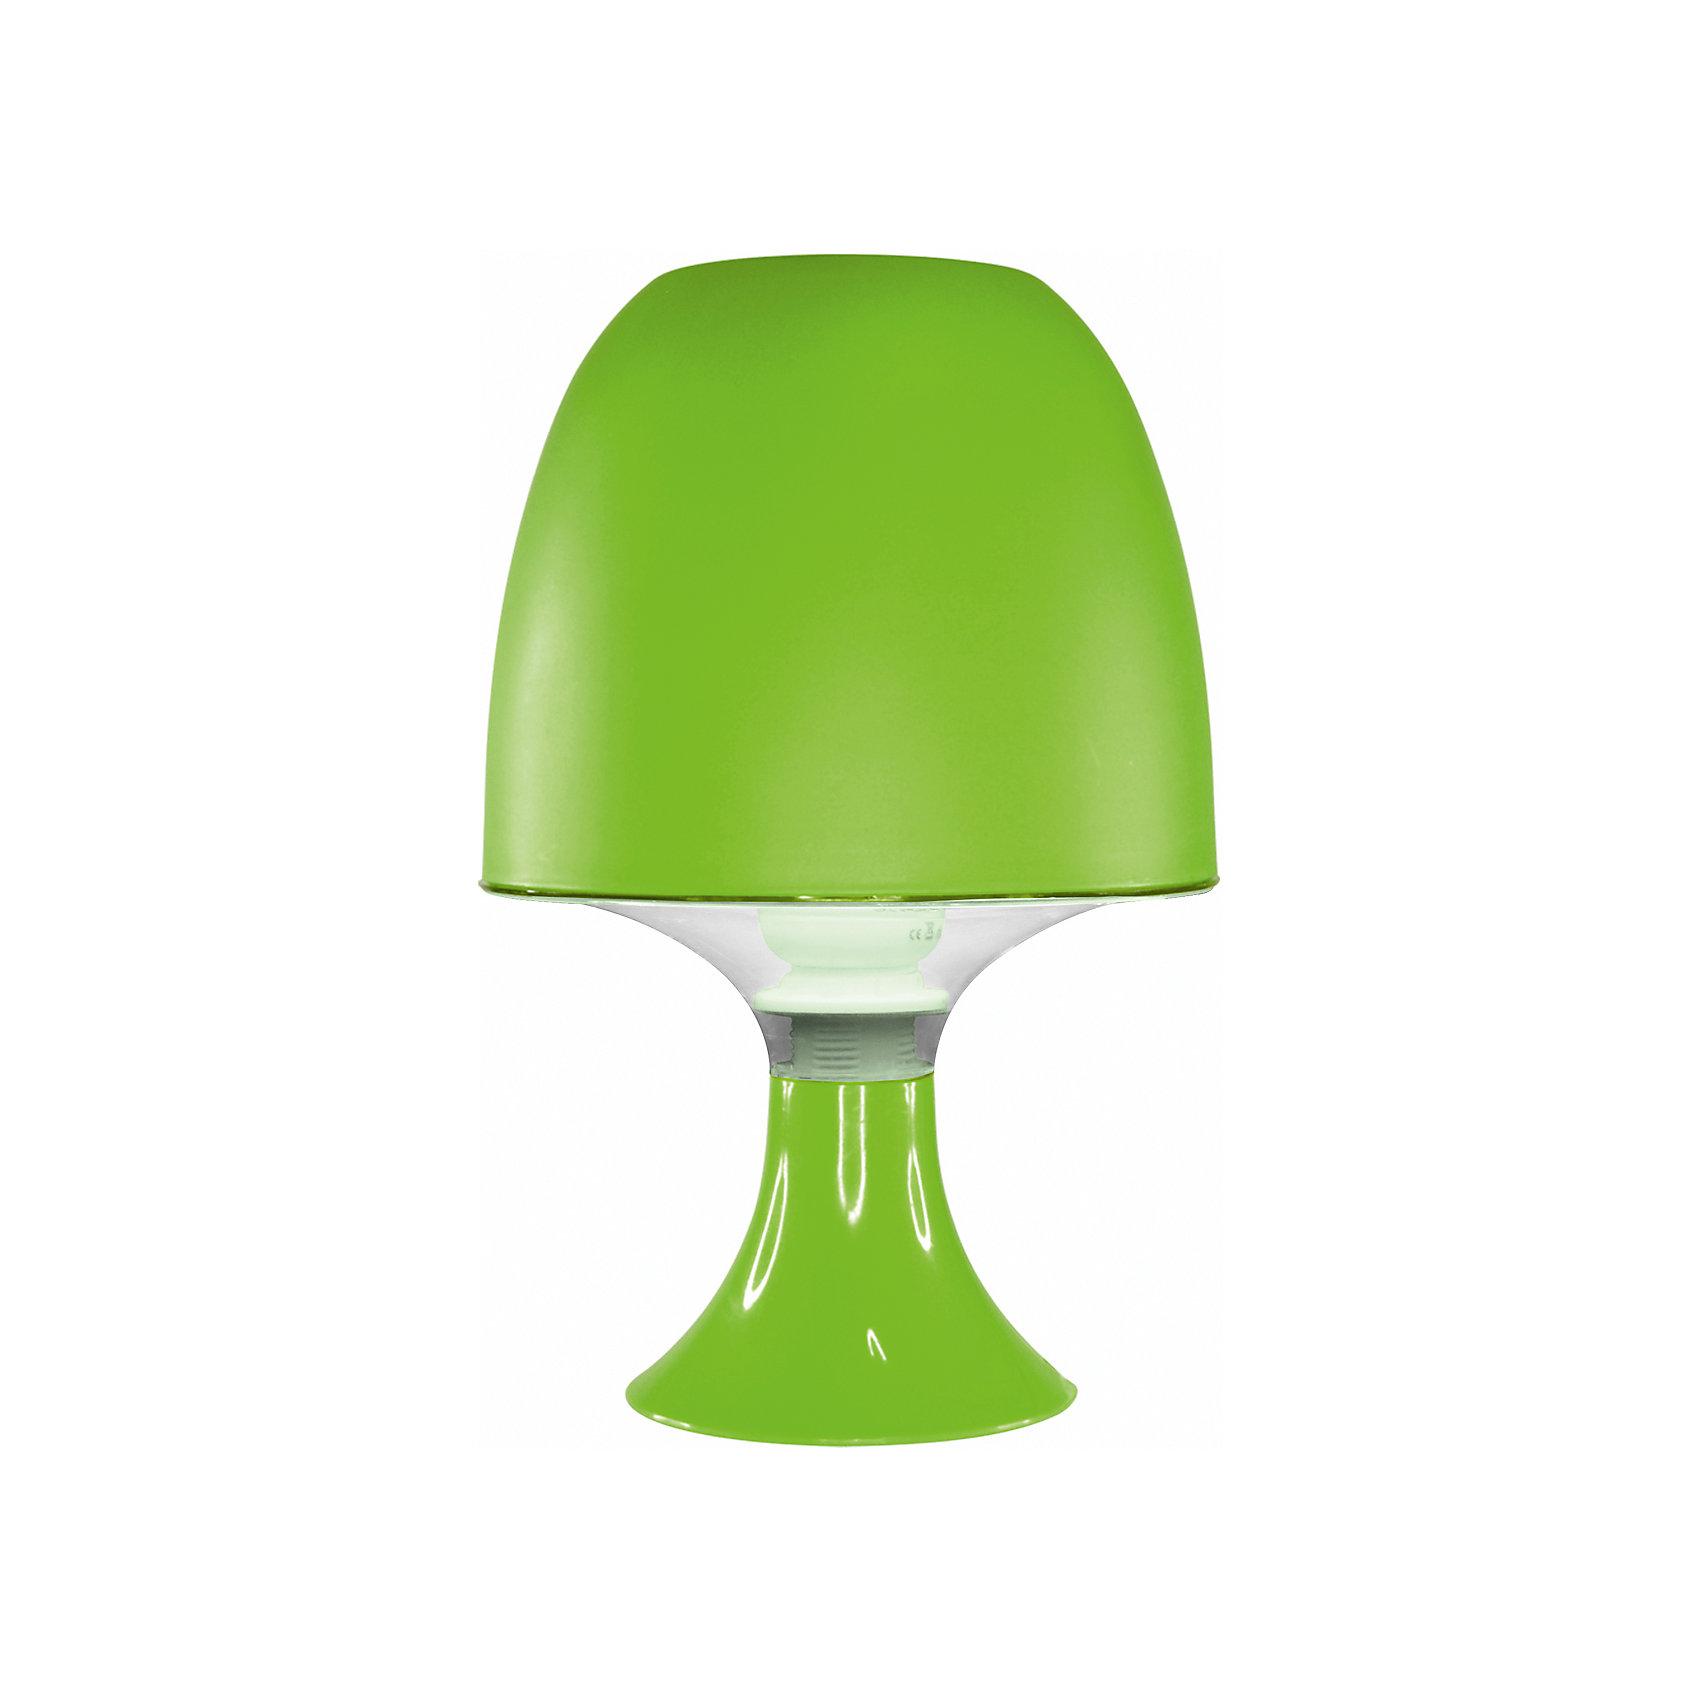 Зеленый настольный ночник, 15 Вт от myToys